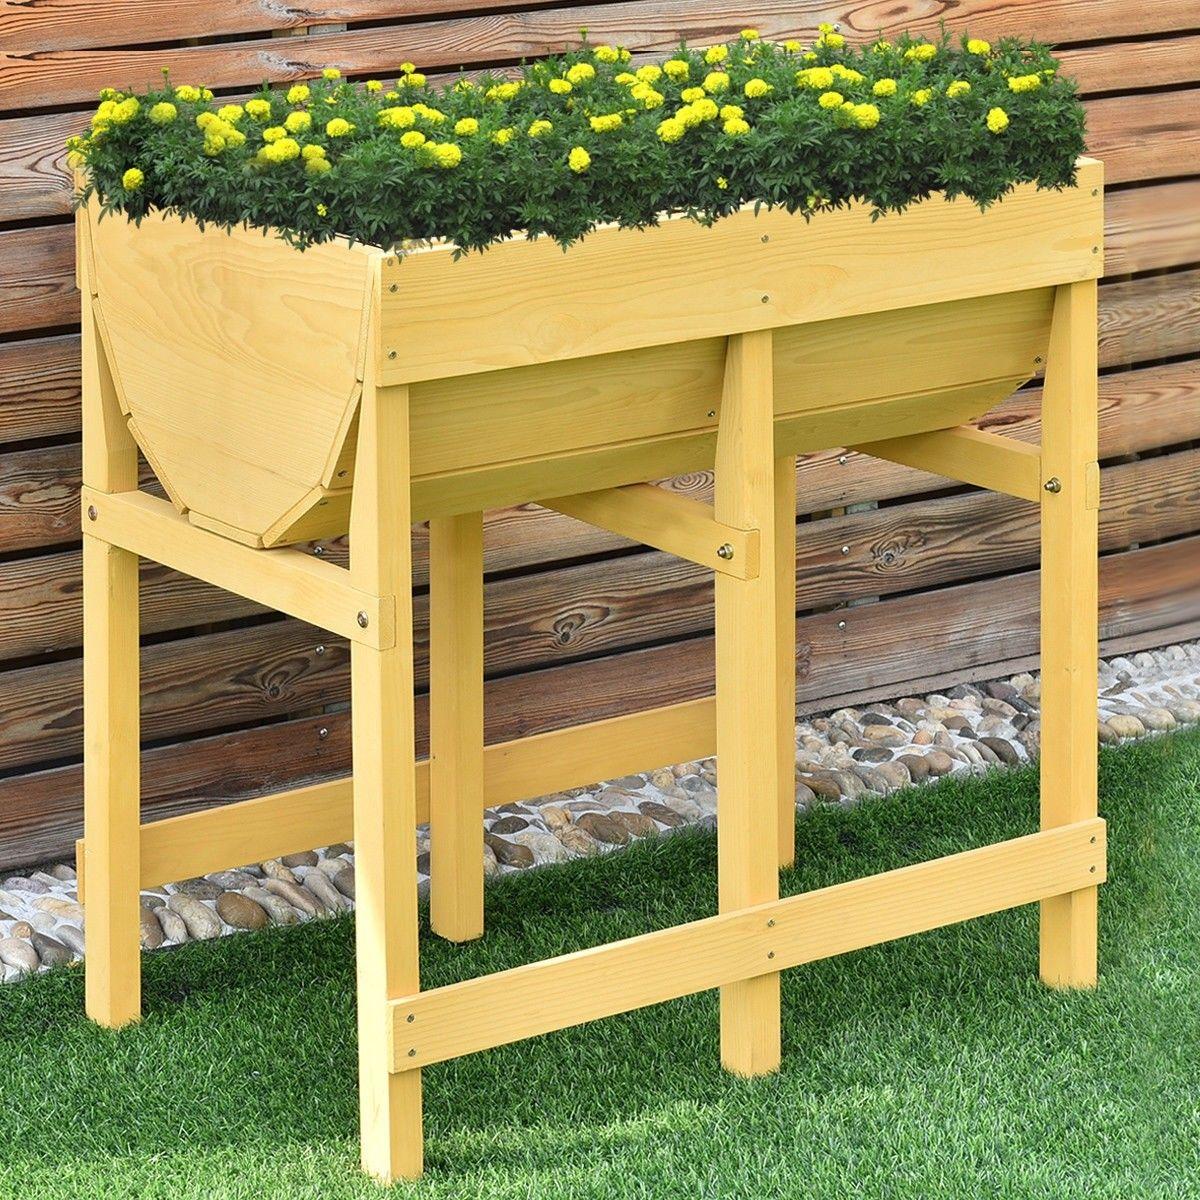 Raised Wooden Planter Vegetable Flower Bed With Liner Raised Wooden Planters Wooden Garden Planters Vegetable Garden Raised Beds